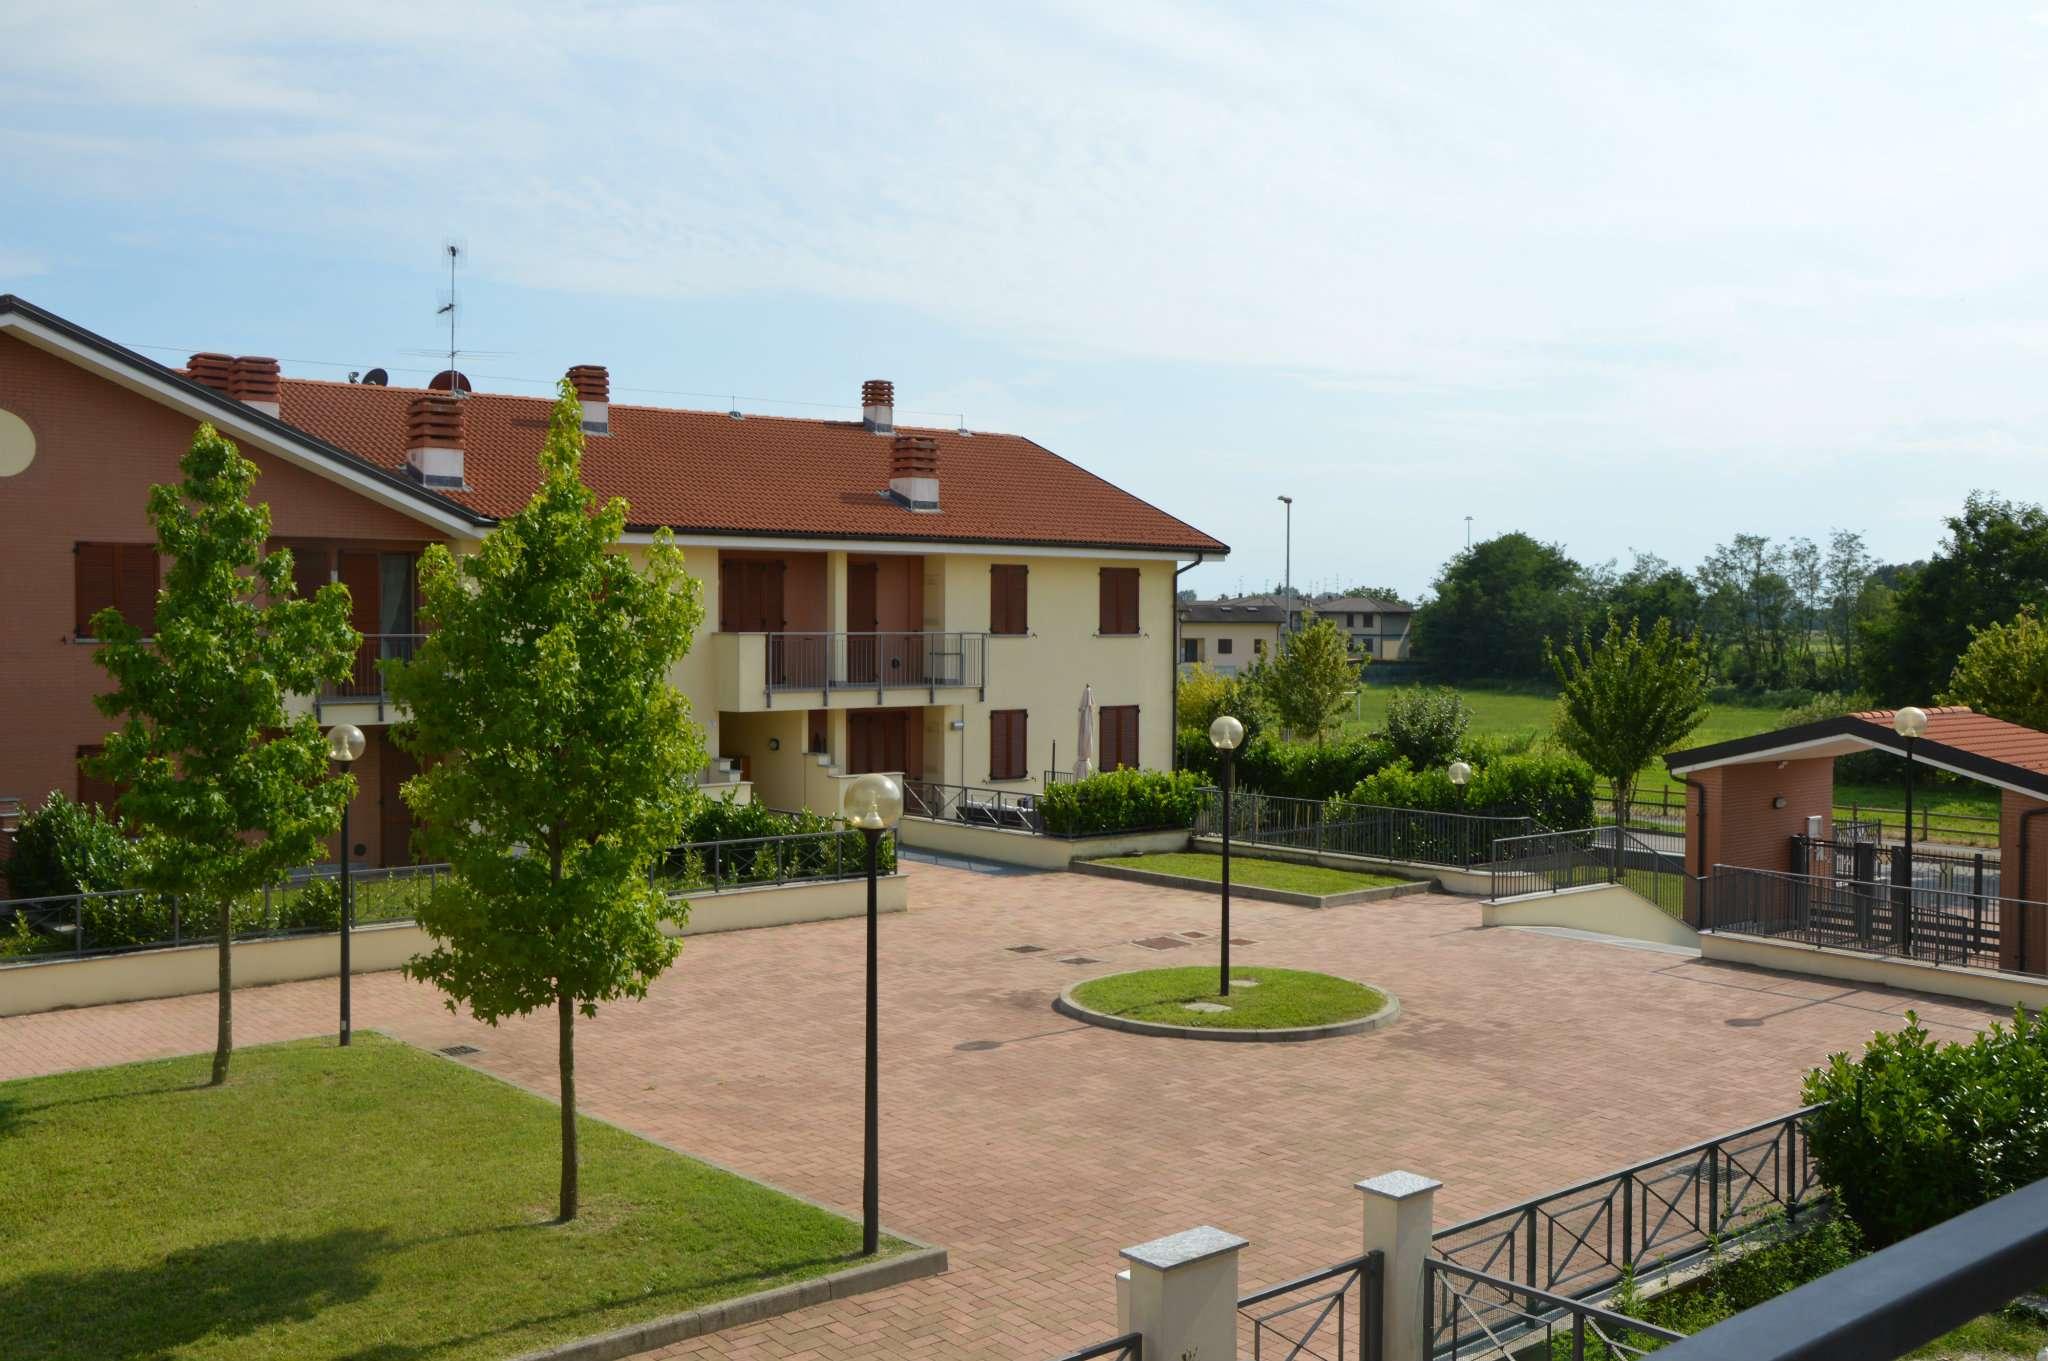 Appartamento in vendita a Landriano, 3 locali, prezzo € 163.000 | Cambio Casa.it